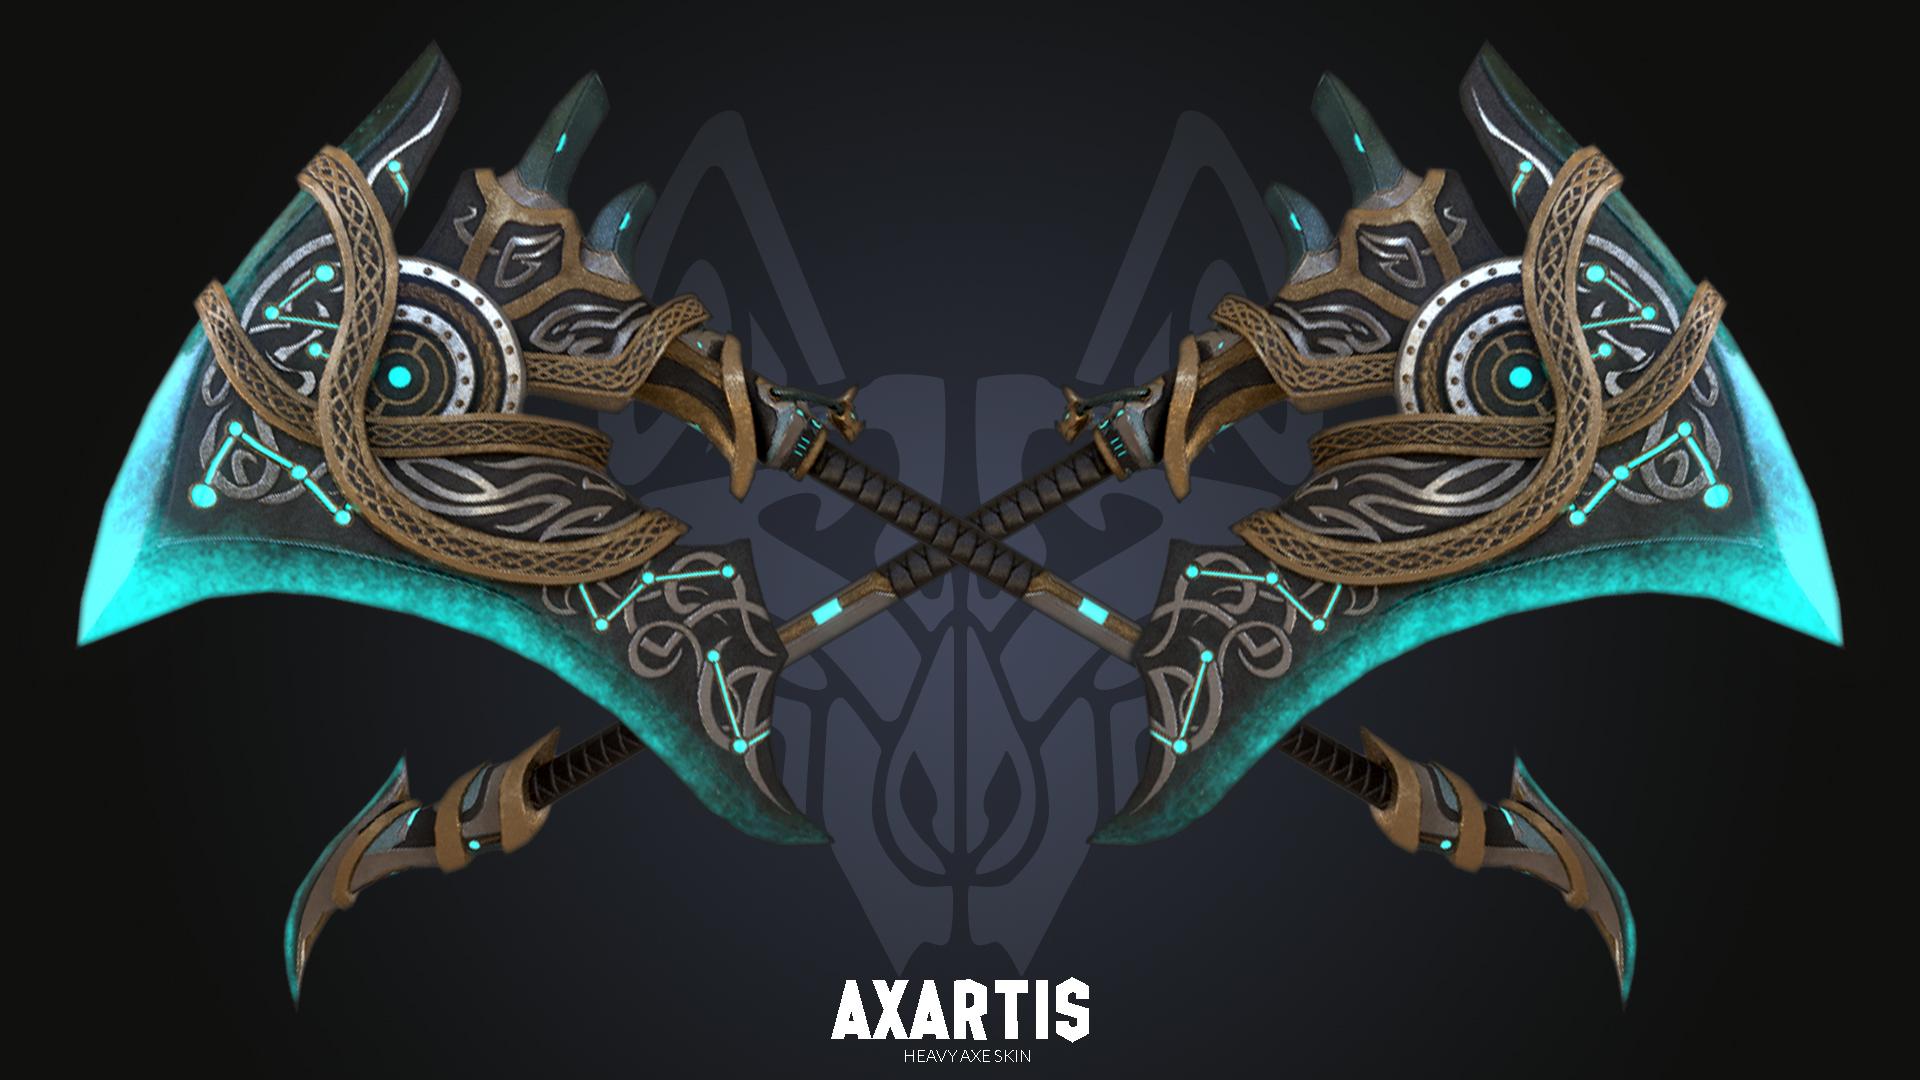 Axartis_Large.jpg